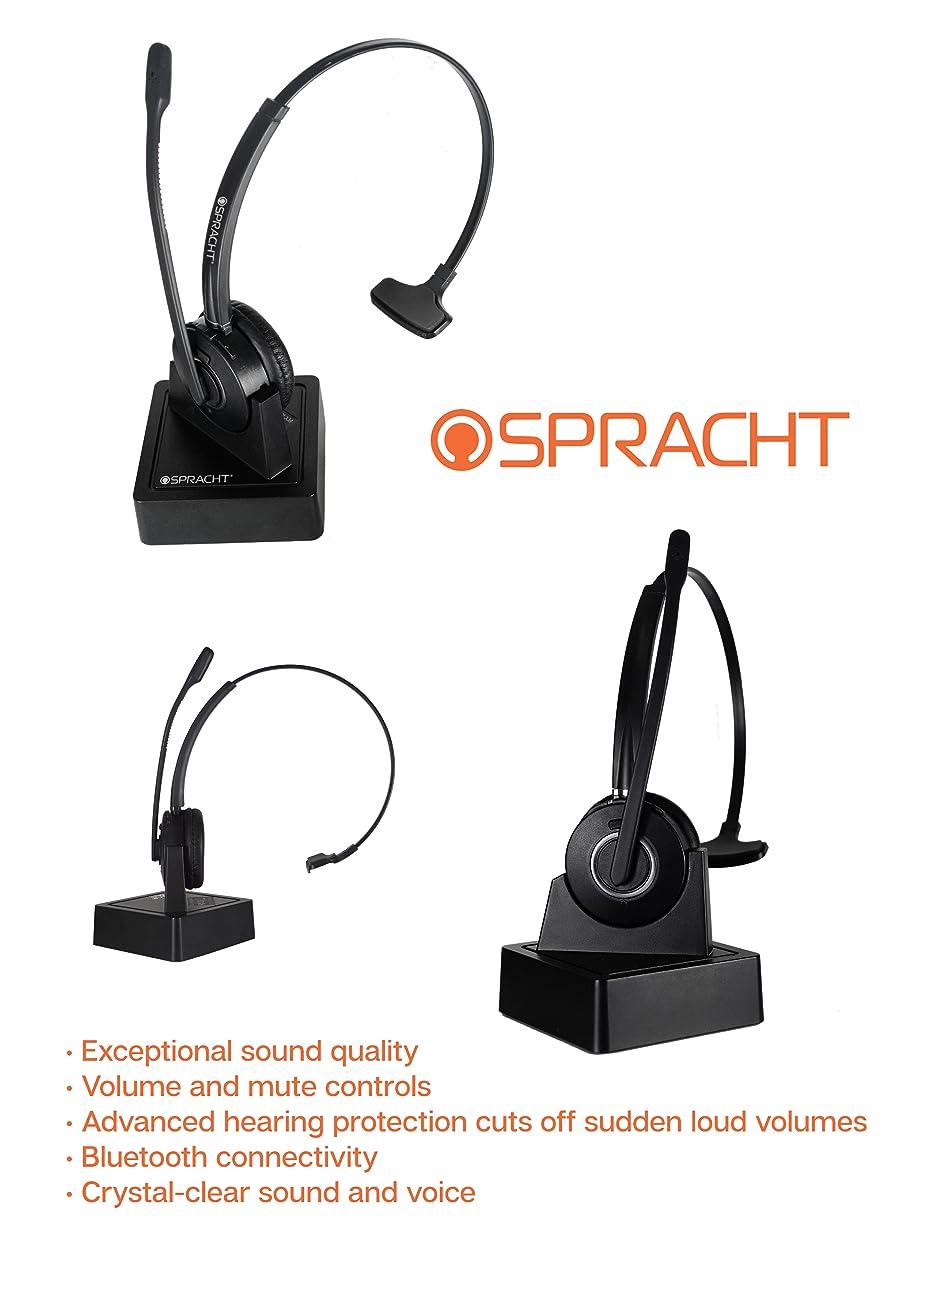 Smart Bluetooth 5.0 Einohr-Sprach/übersetzer-Kopfh/örer 33 Sprachen Smart Translator-Kopfh/örer sjlerst Bluetooth Wireless Translator Headset mit Ladebox